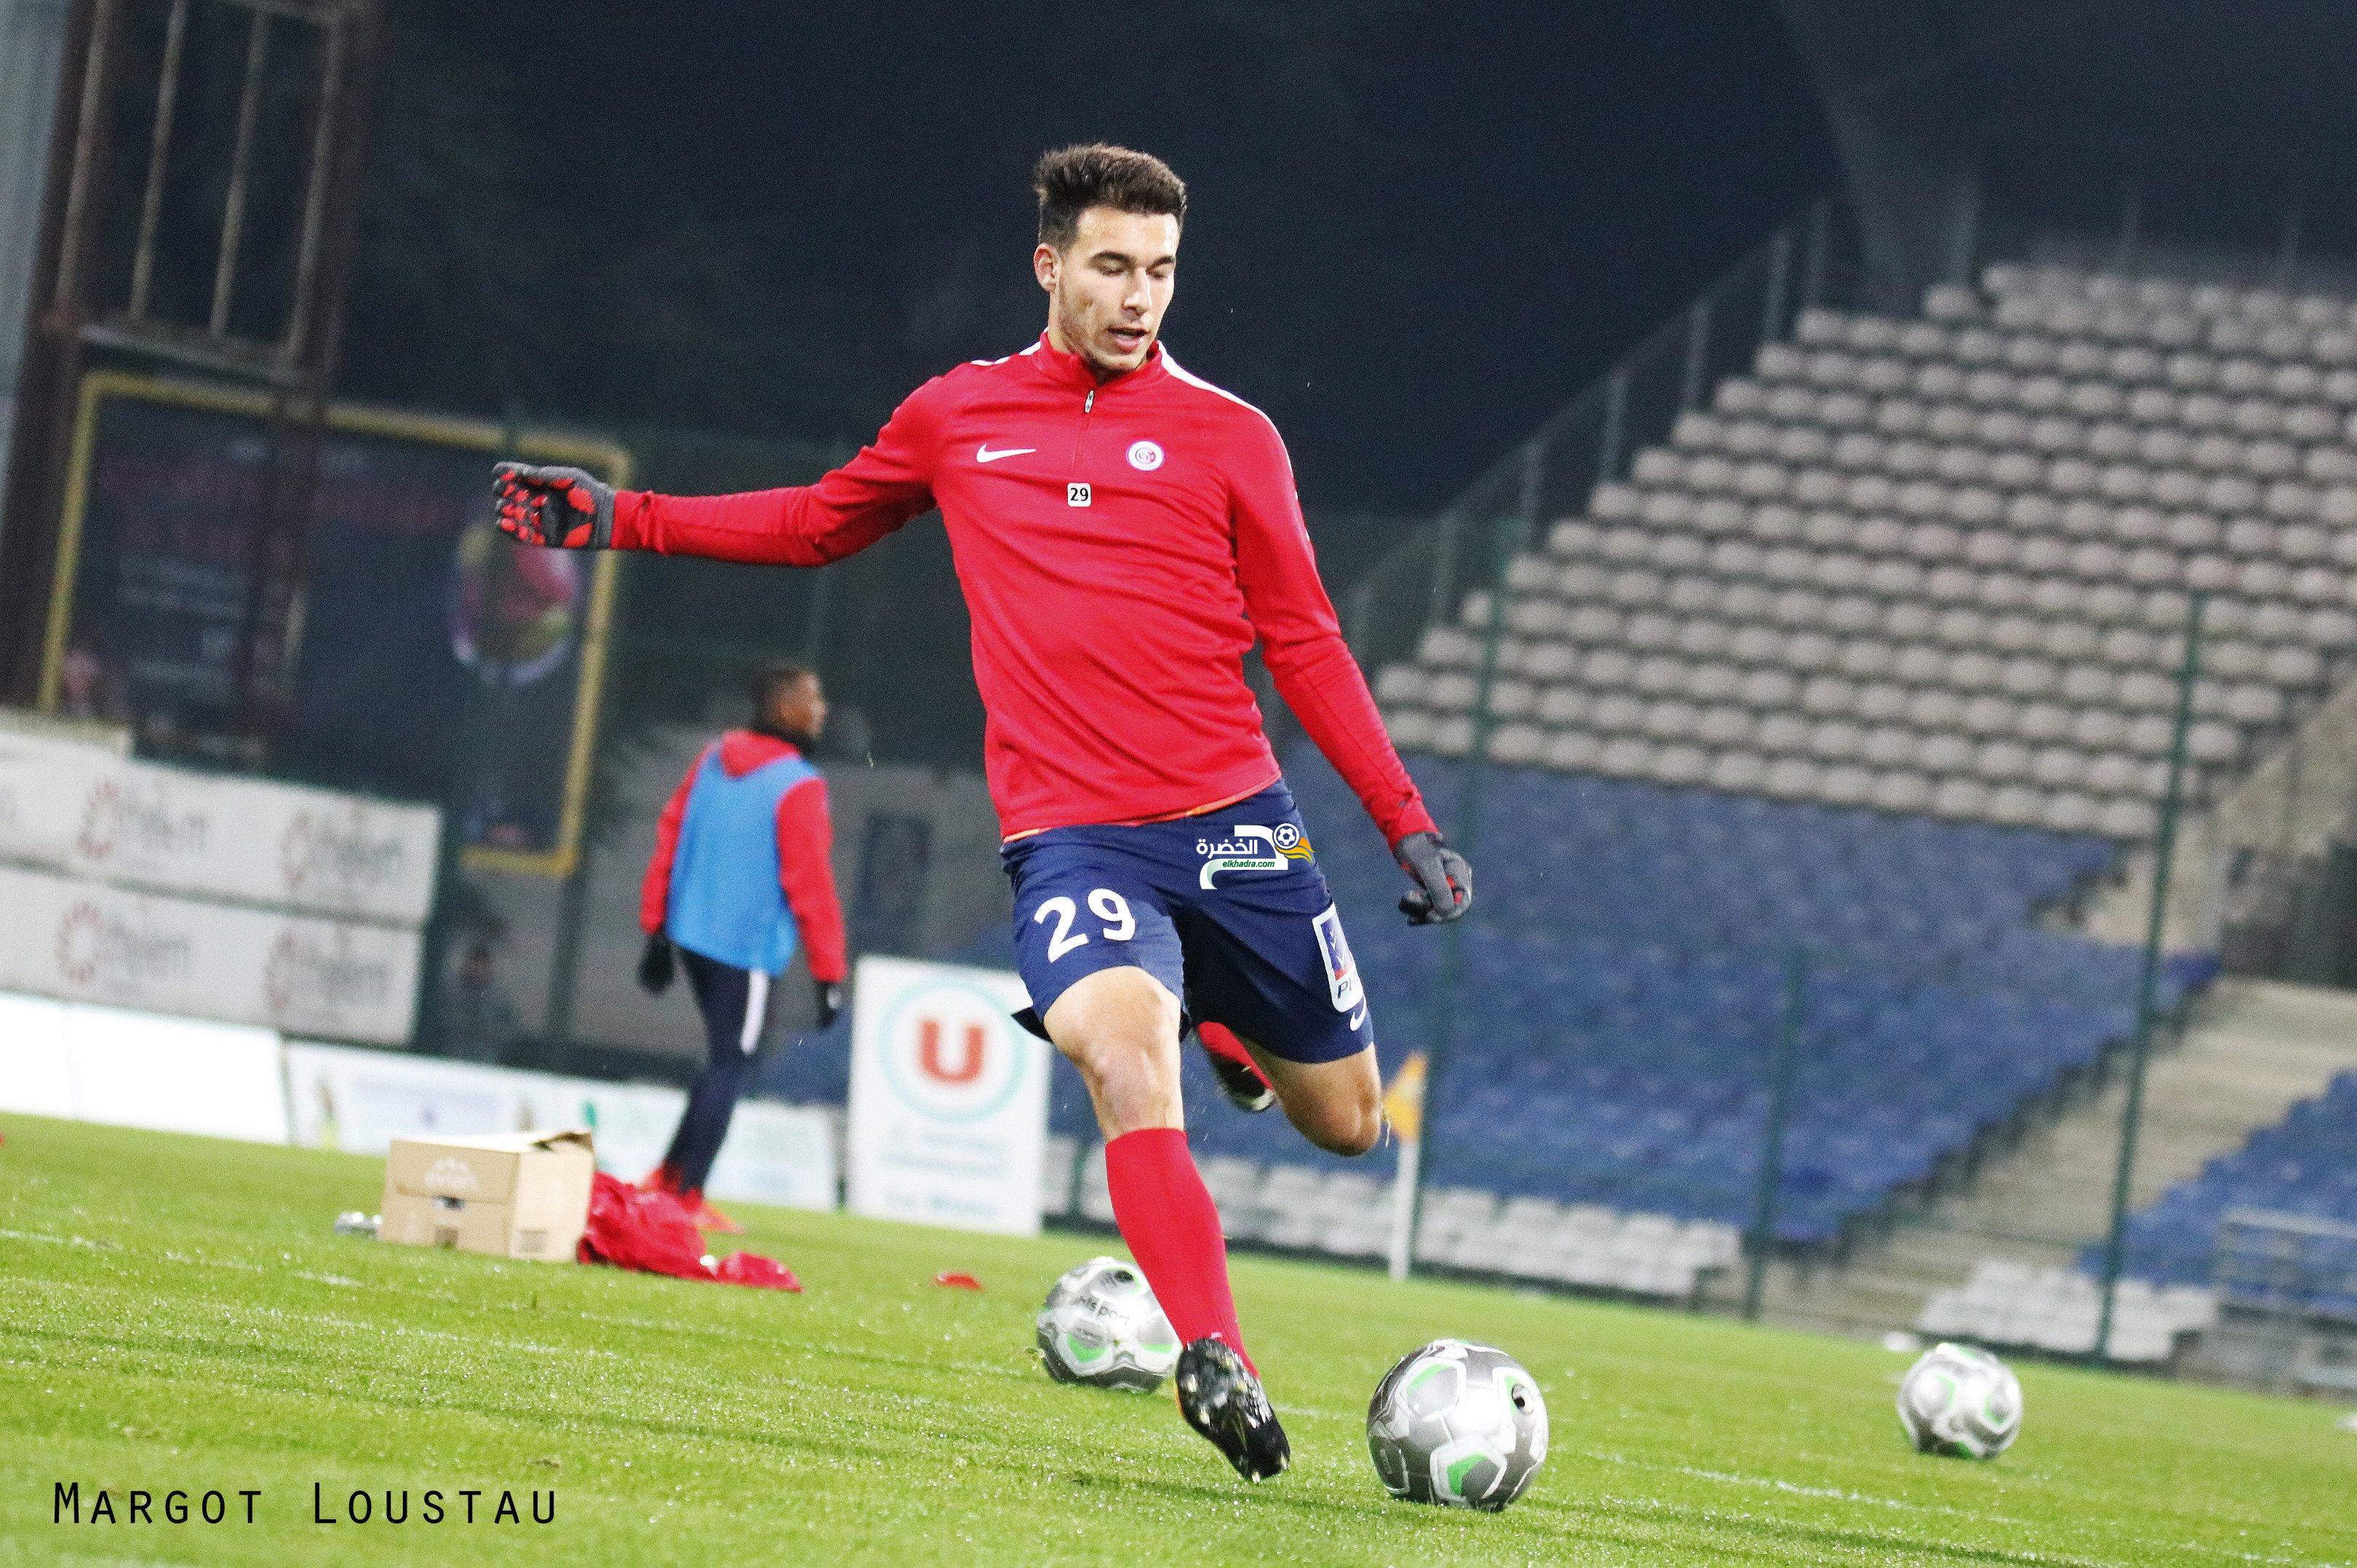 الموهبة الجزائرية مهدي مرغم قريب من الدرجة الأولى الفرنسية من بوابة هذا الفريق ! 24